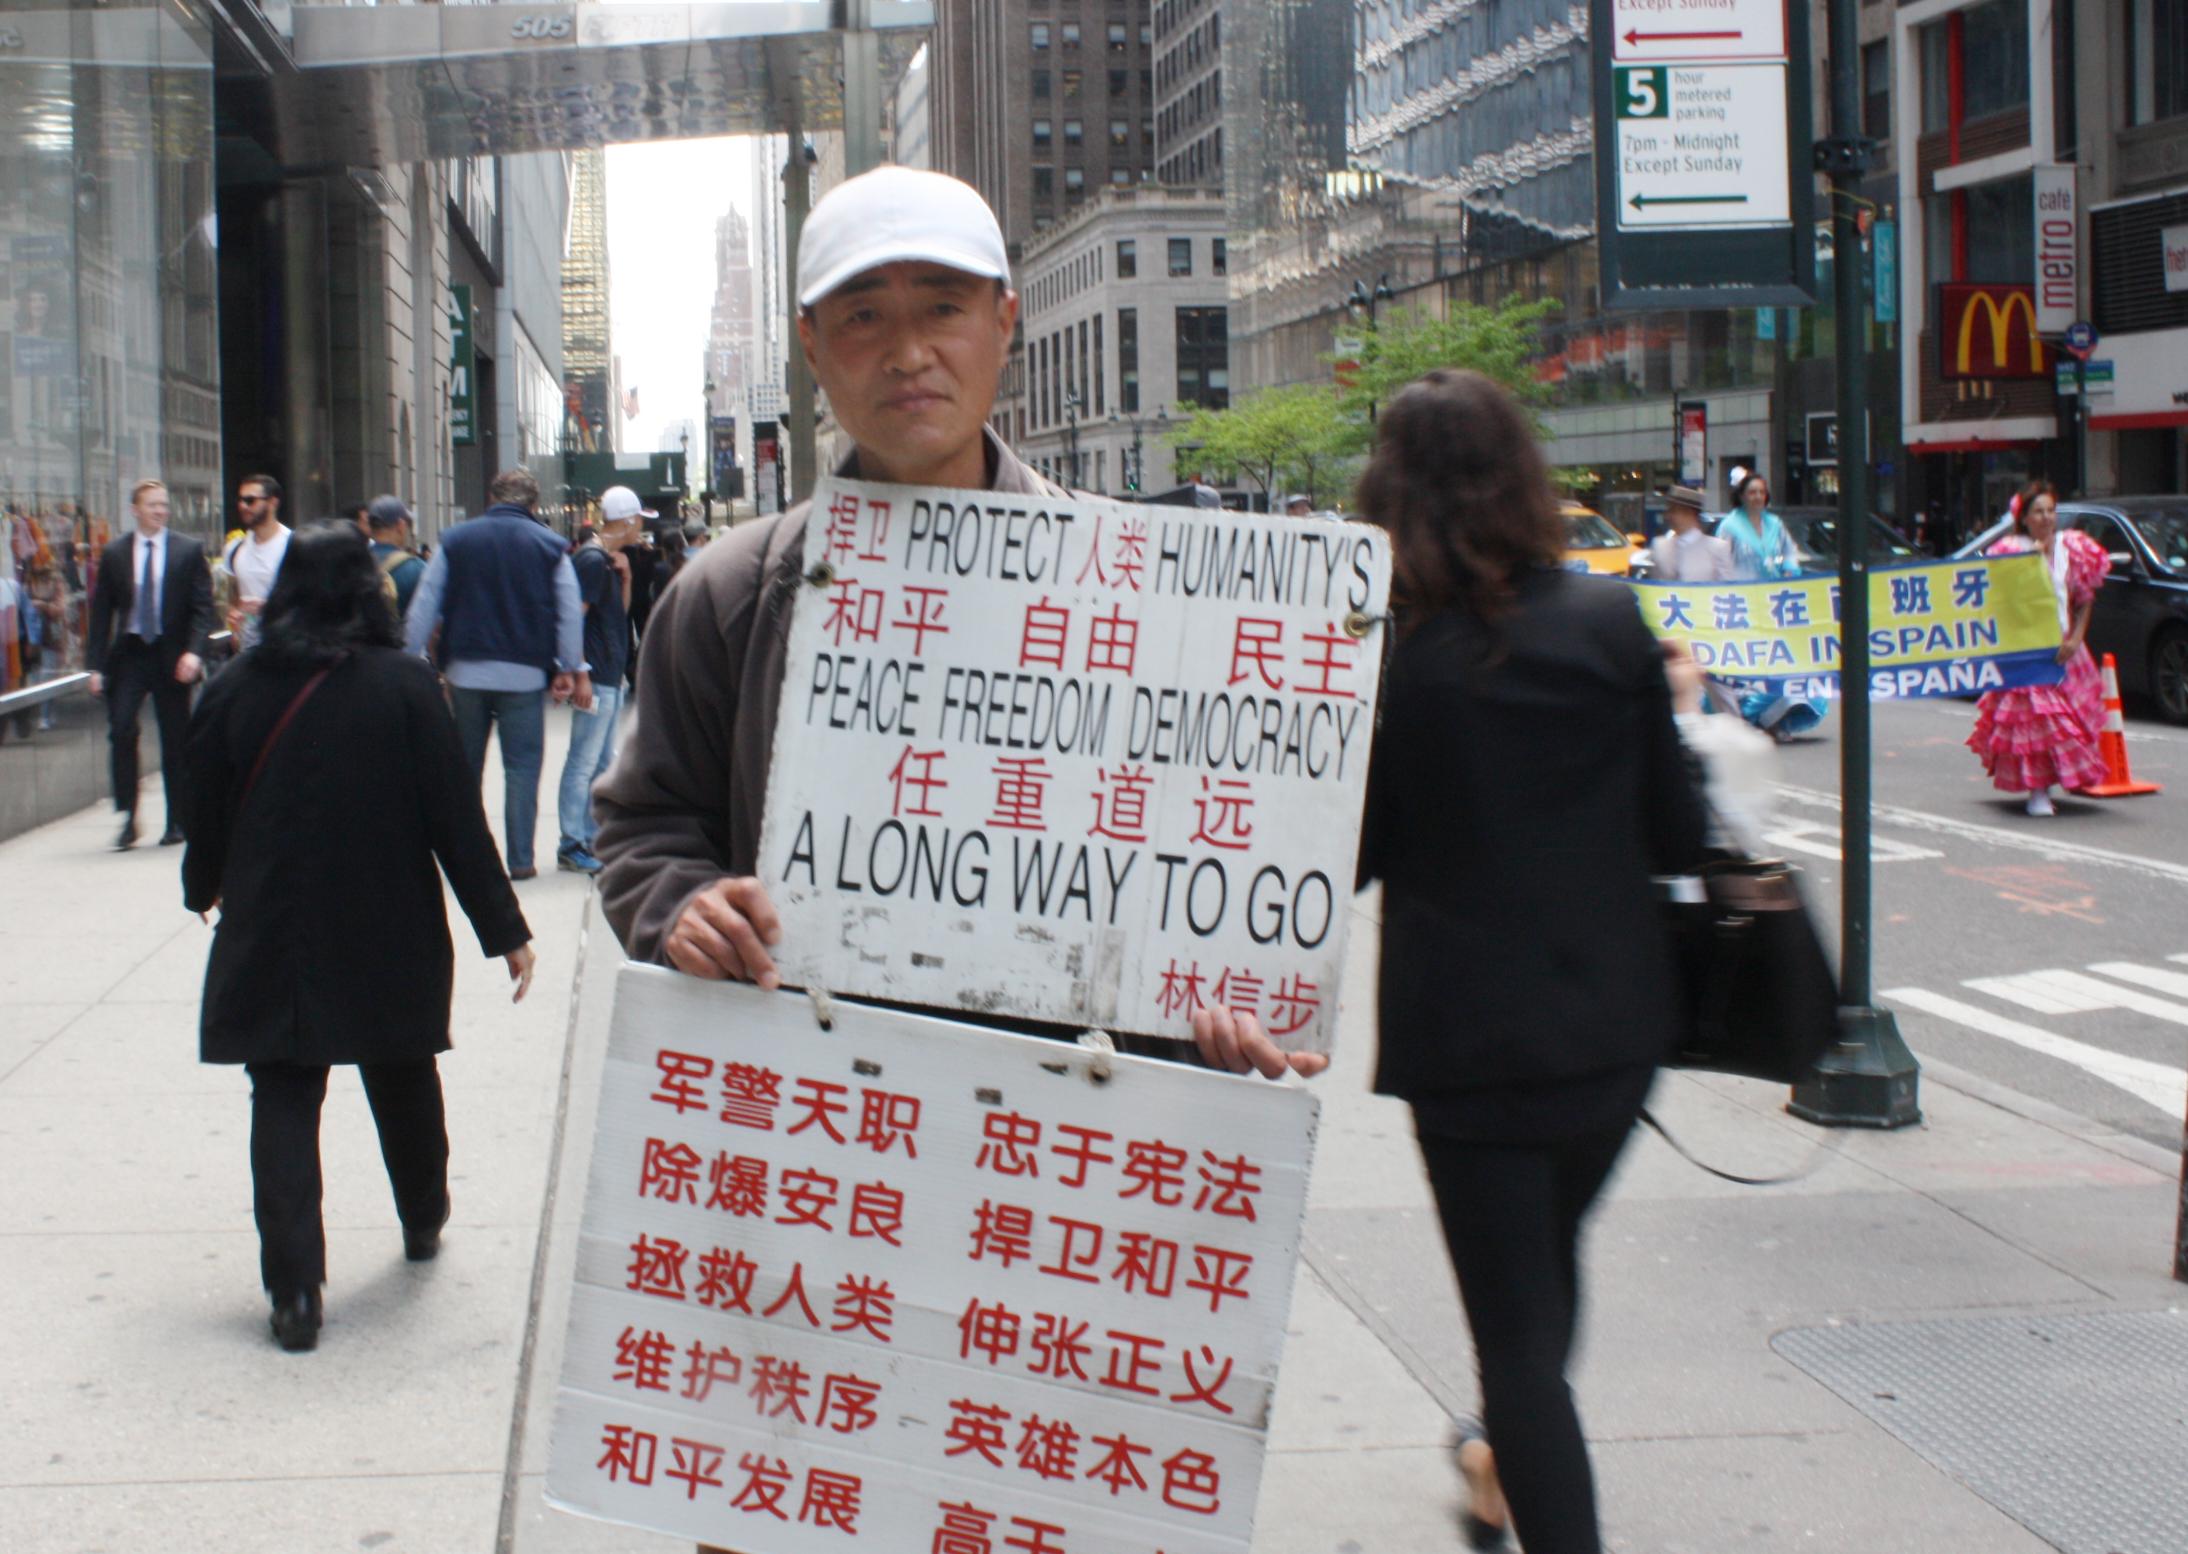 遊行隊伍路過的街頭一名華裔人士林信步也表示堅決支持法輪功反迫害。(駱亞/大紀元)